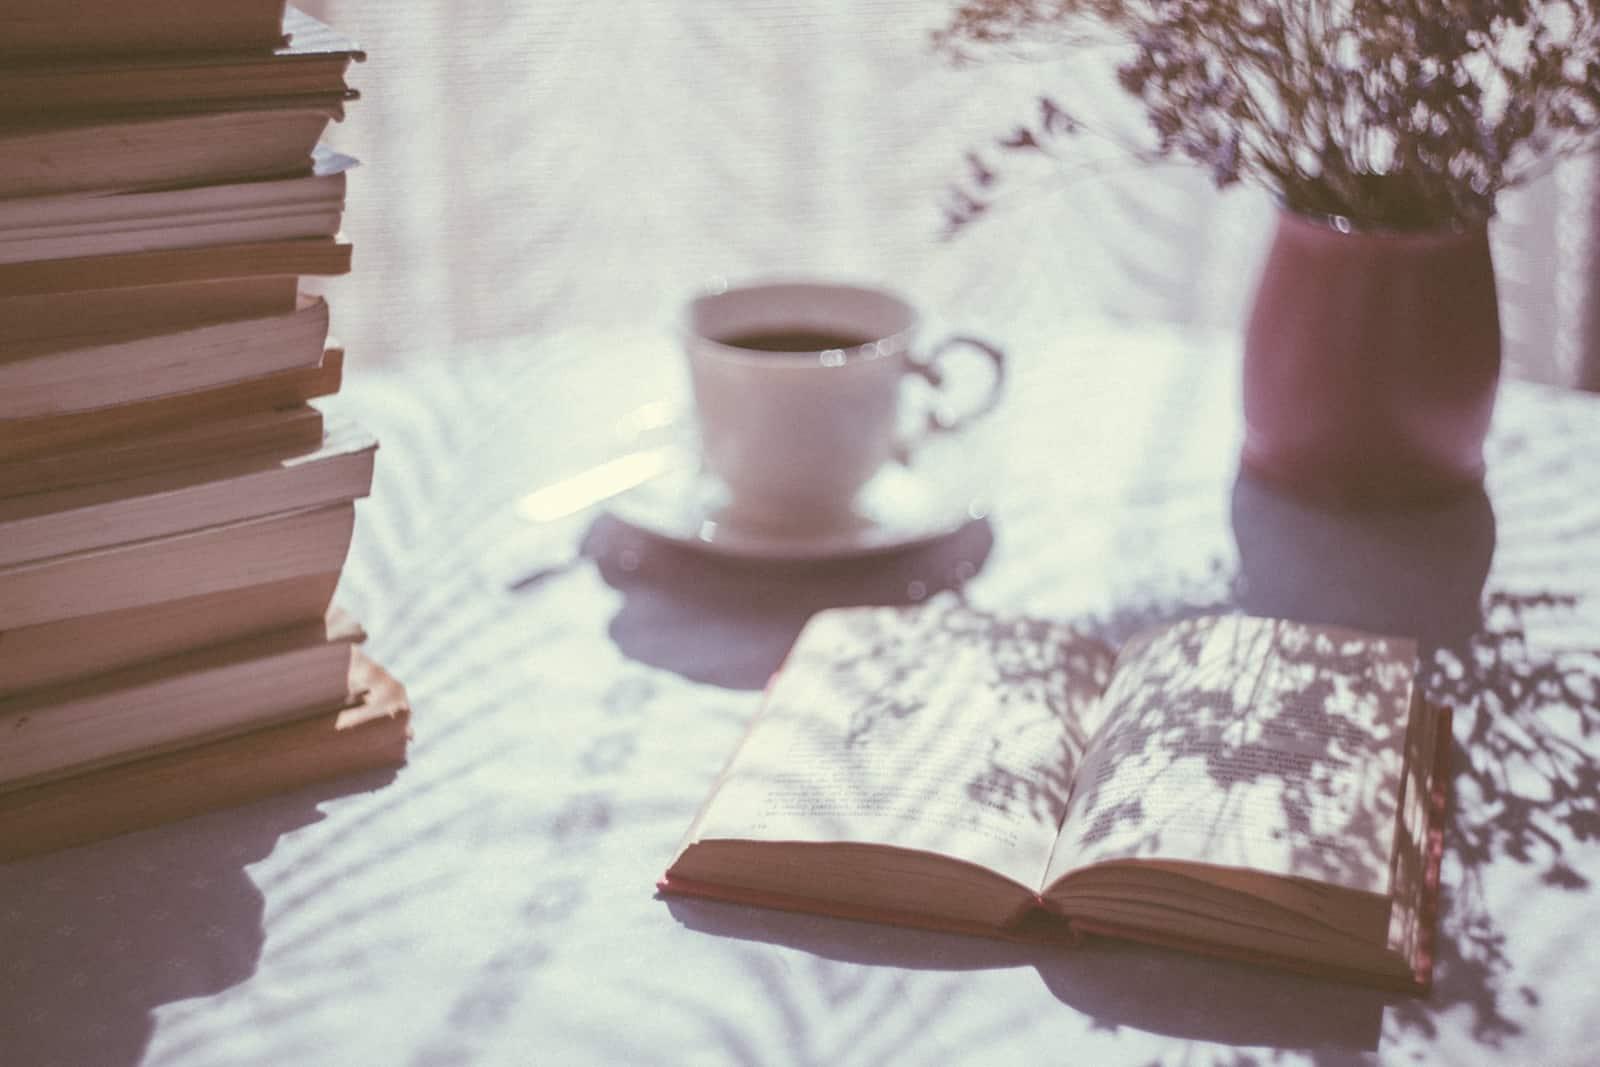 ein geöffnetes Buch auf dem Tisch neben der Tasse Kaffee